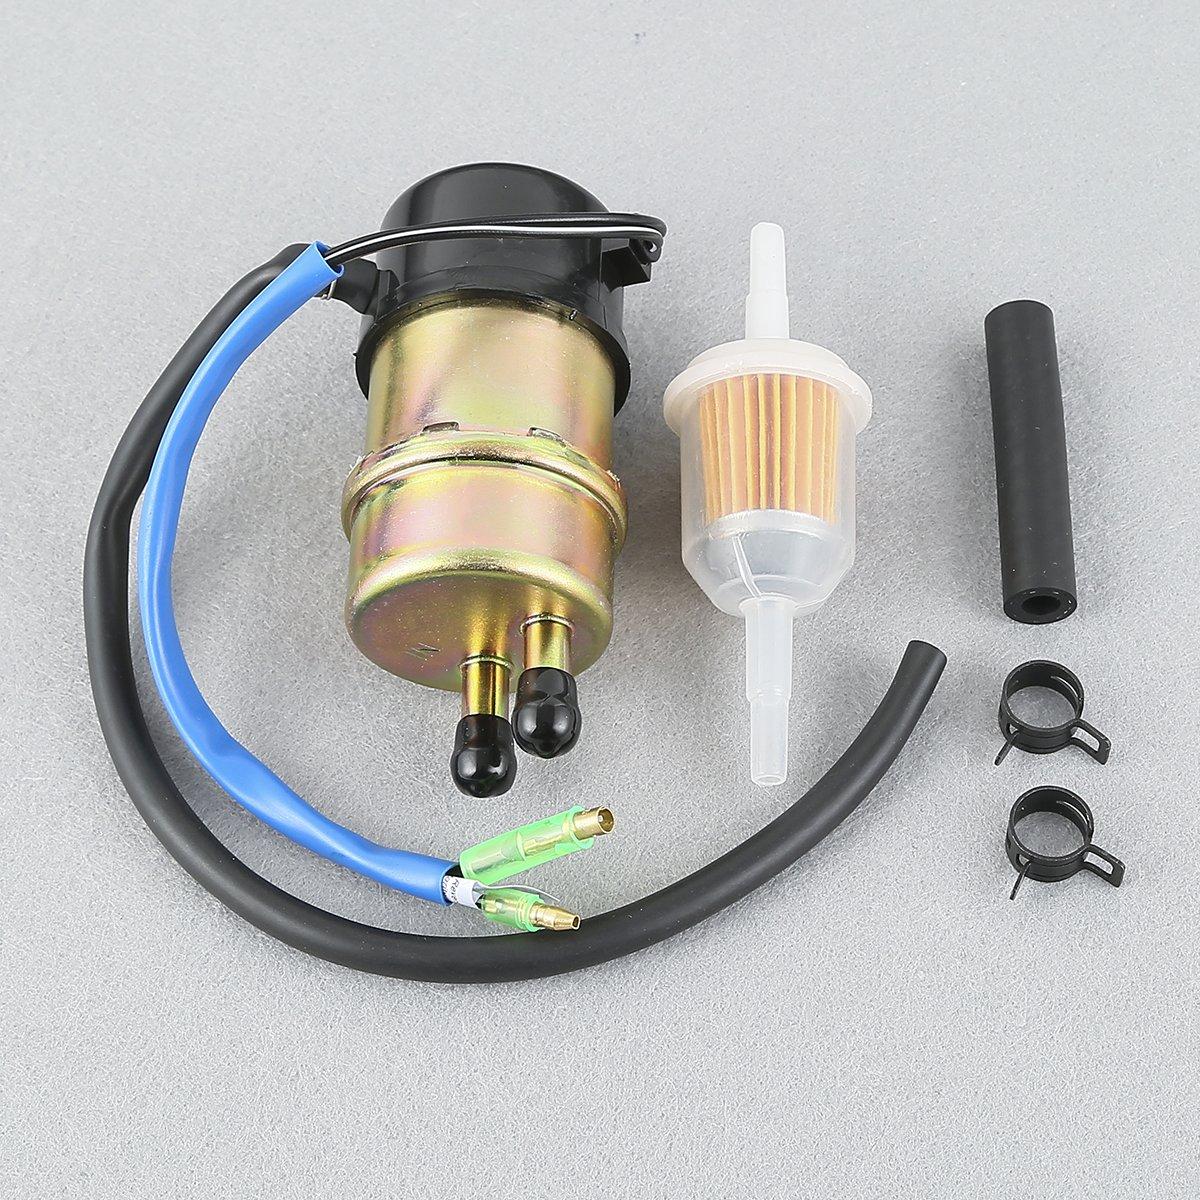 49040-1055 2001-2008,Mule 2510//2500//2520 2001-2008,Mule 3000 XMT-MOTO Fuel Pump For Kawasaki Mule 3020:2001-2003,Mule 3010 1992-2000,Mule 1000 1994-1997 1988,Mule 1000 2001-2008,Mule 3010 4X4